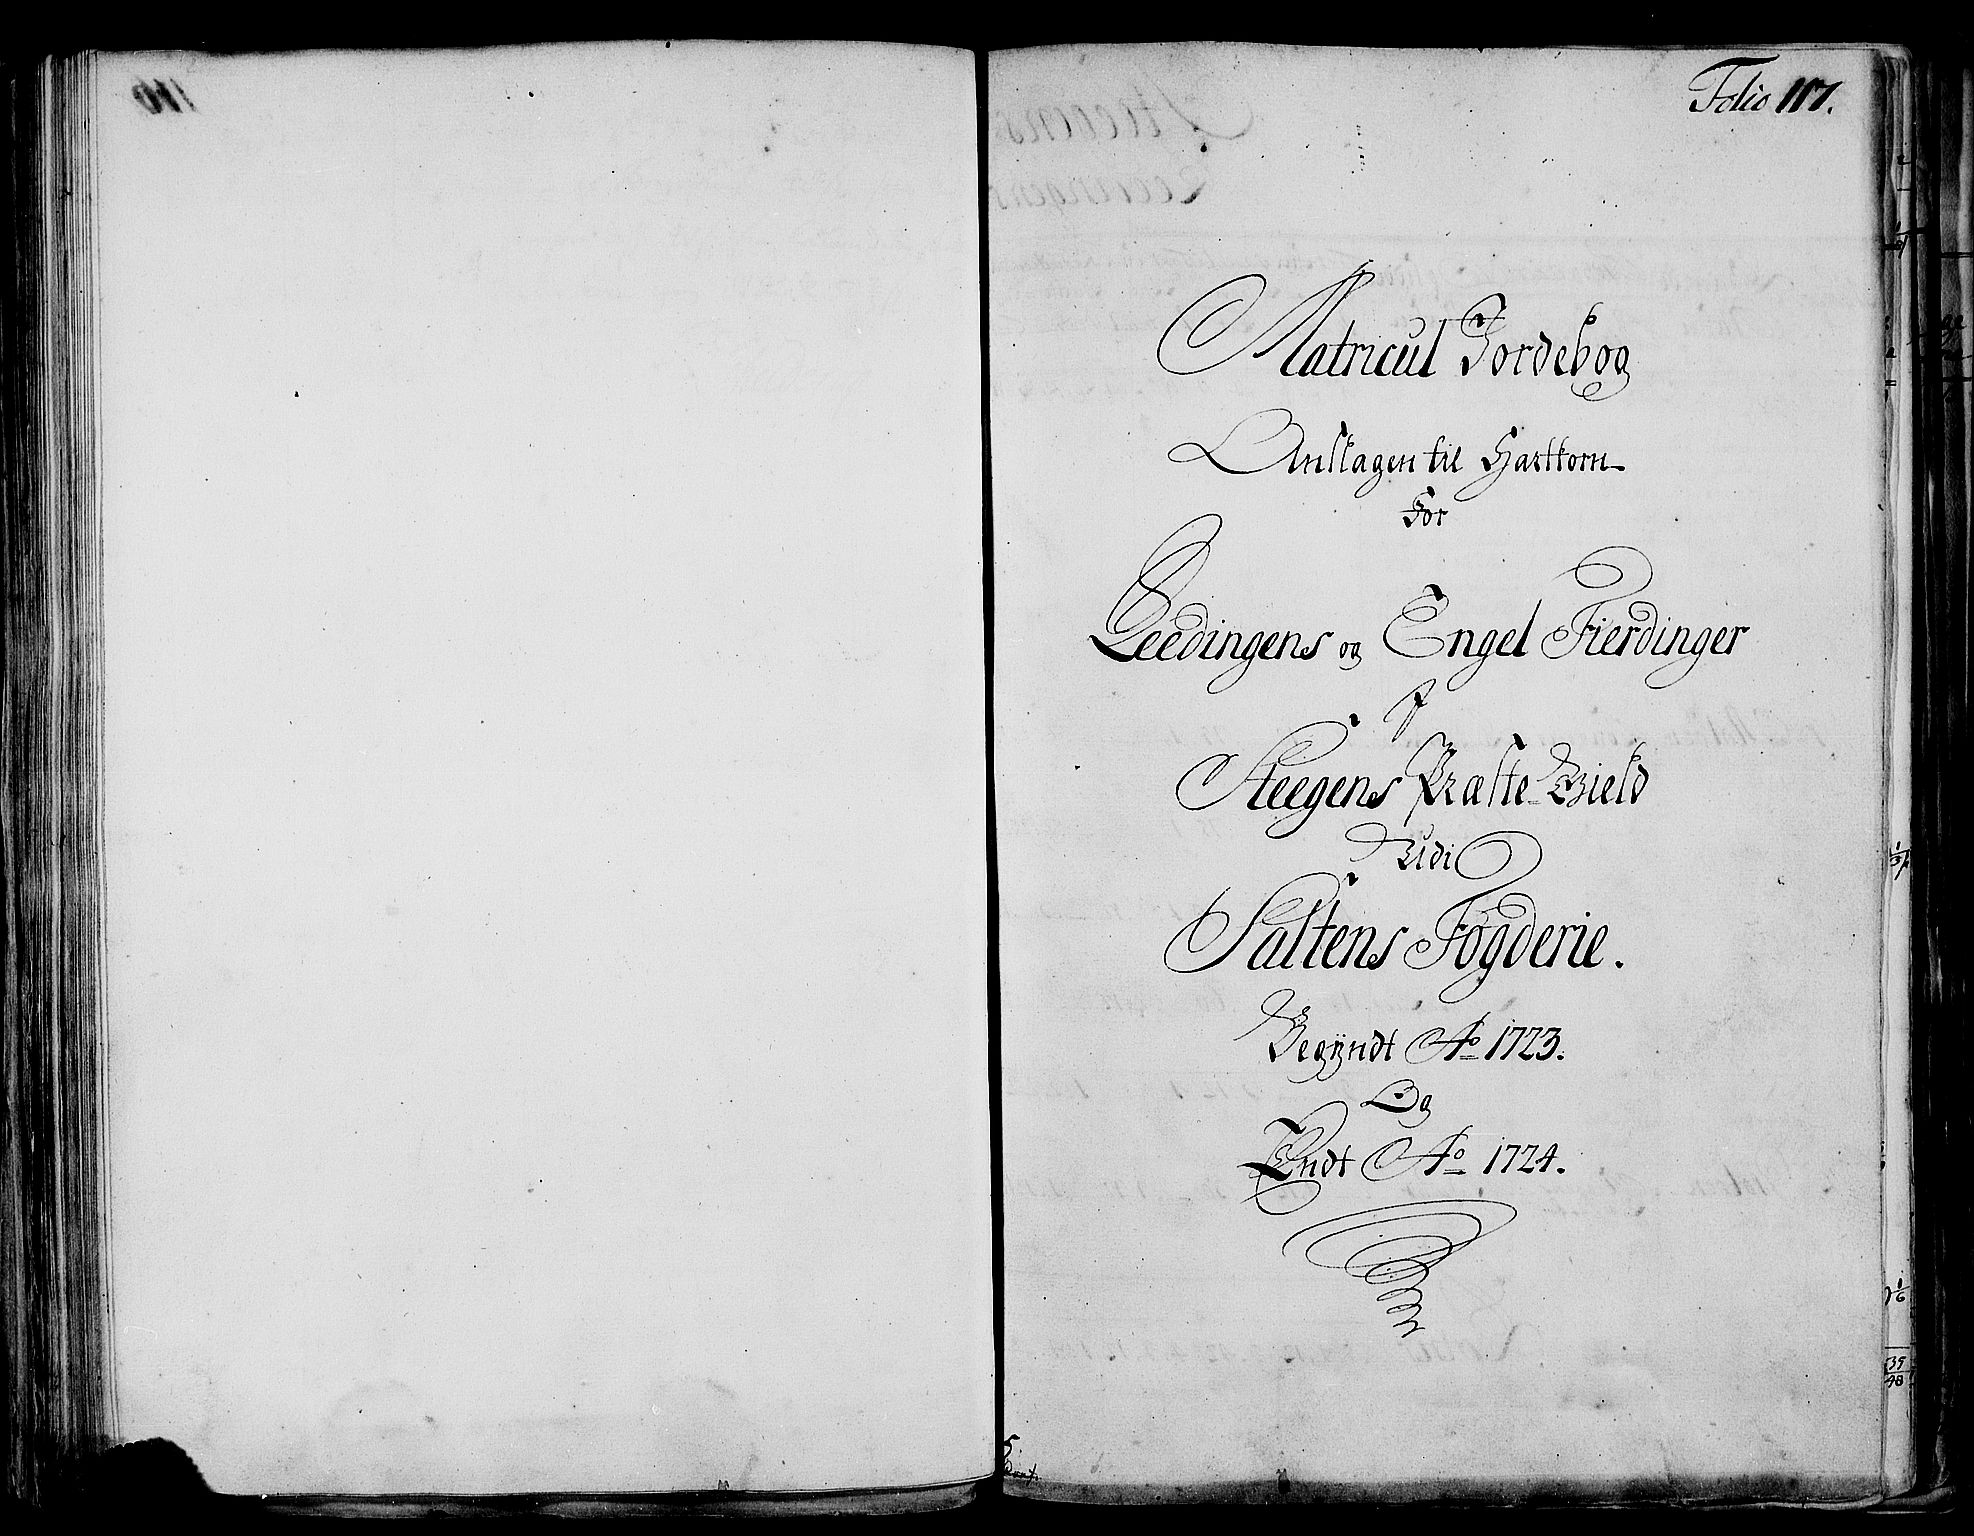 RA, Rentekammeret inntil 1814, Realistisk ordnet avdeling, N/Nb/Nbf/L0173: Salten matrikkelprotokoll, 1723, s. 116b-117a